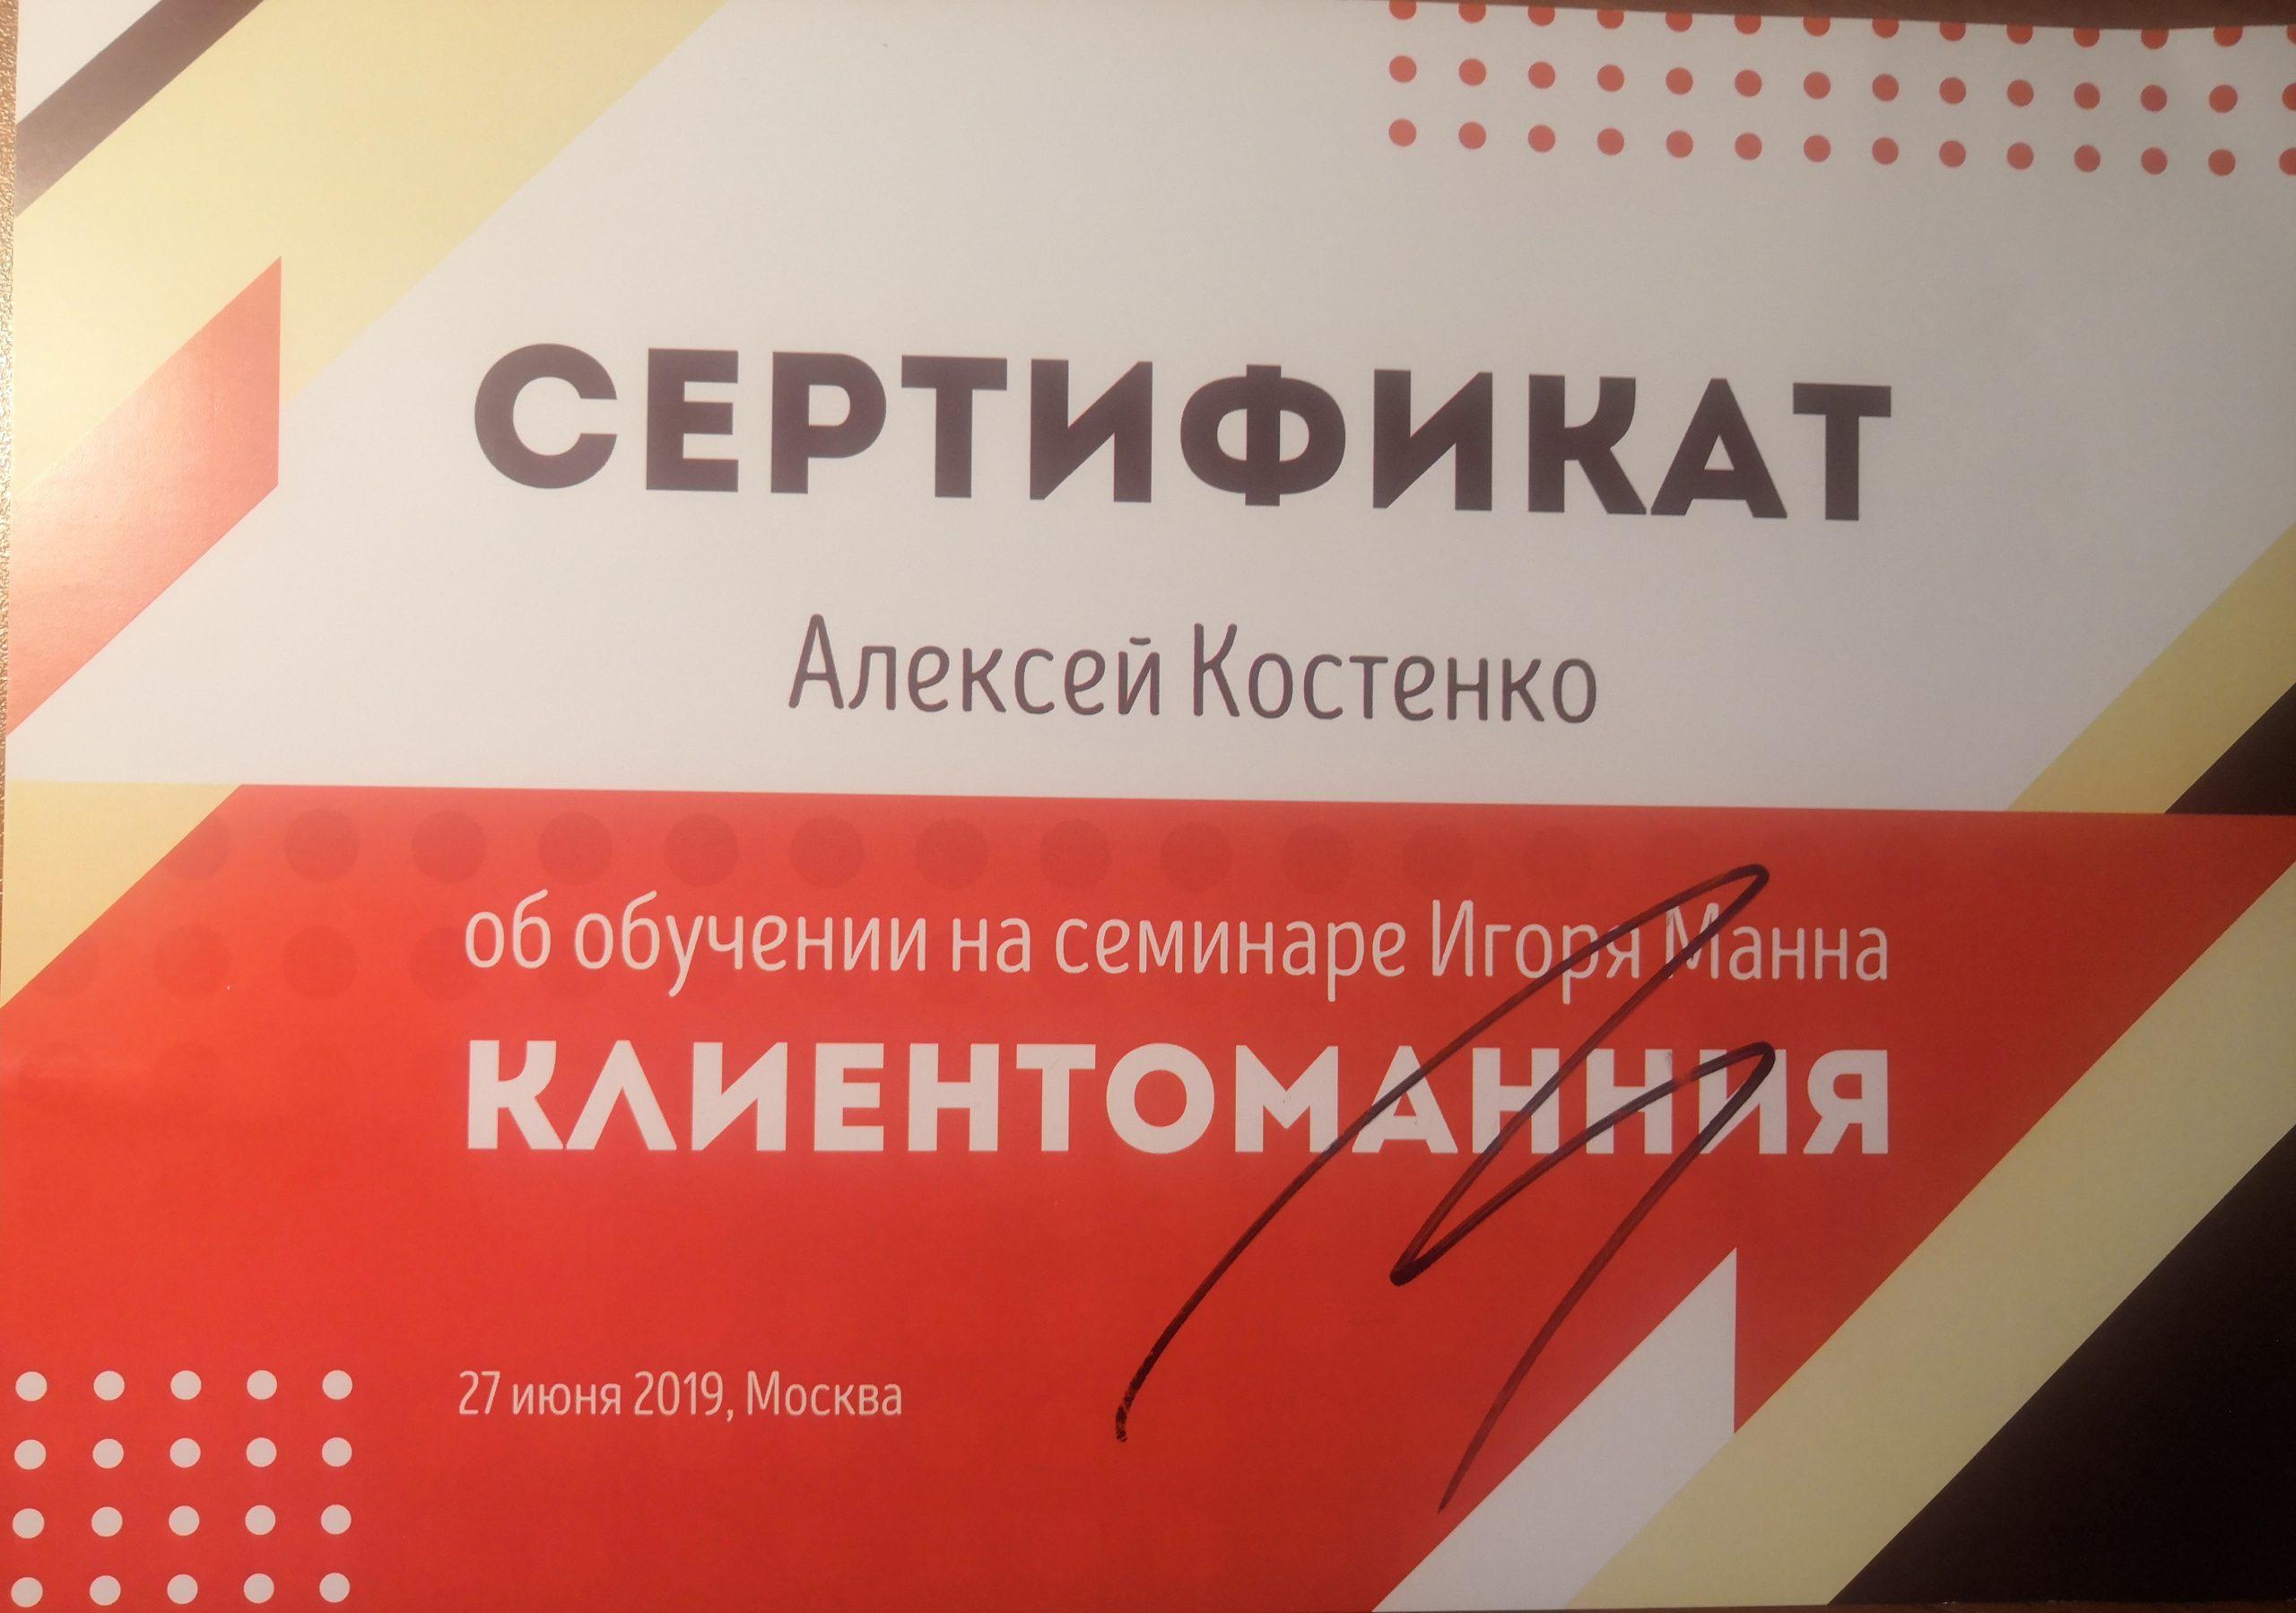 Сертификат Клиентоманния - Алексей Костенко